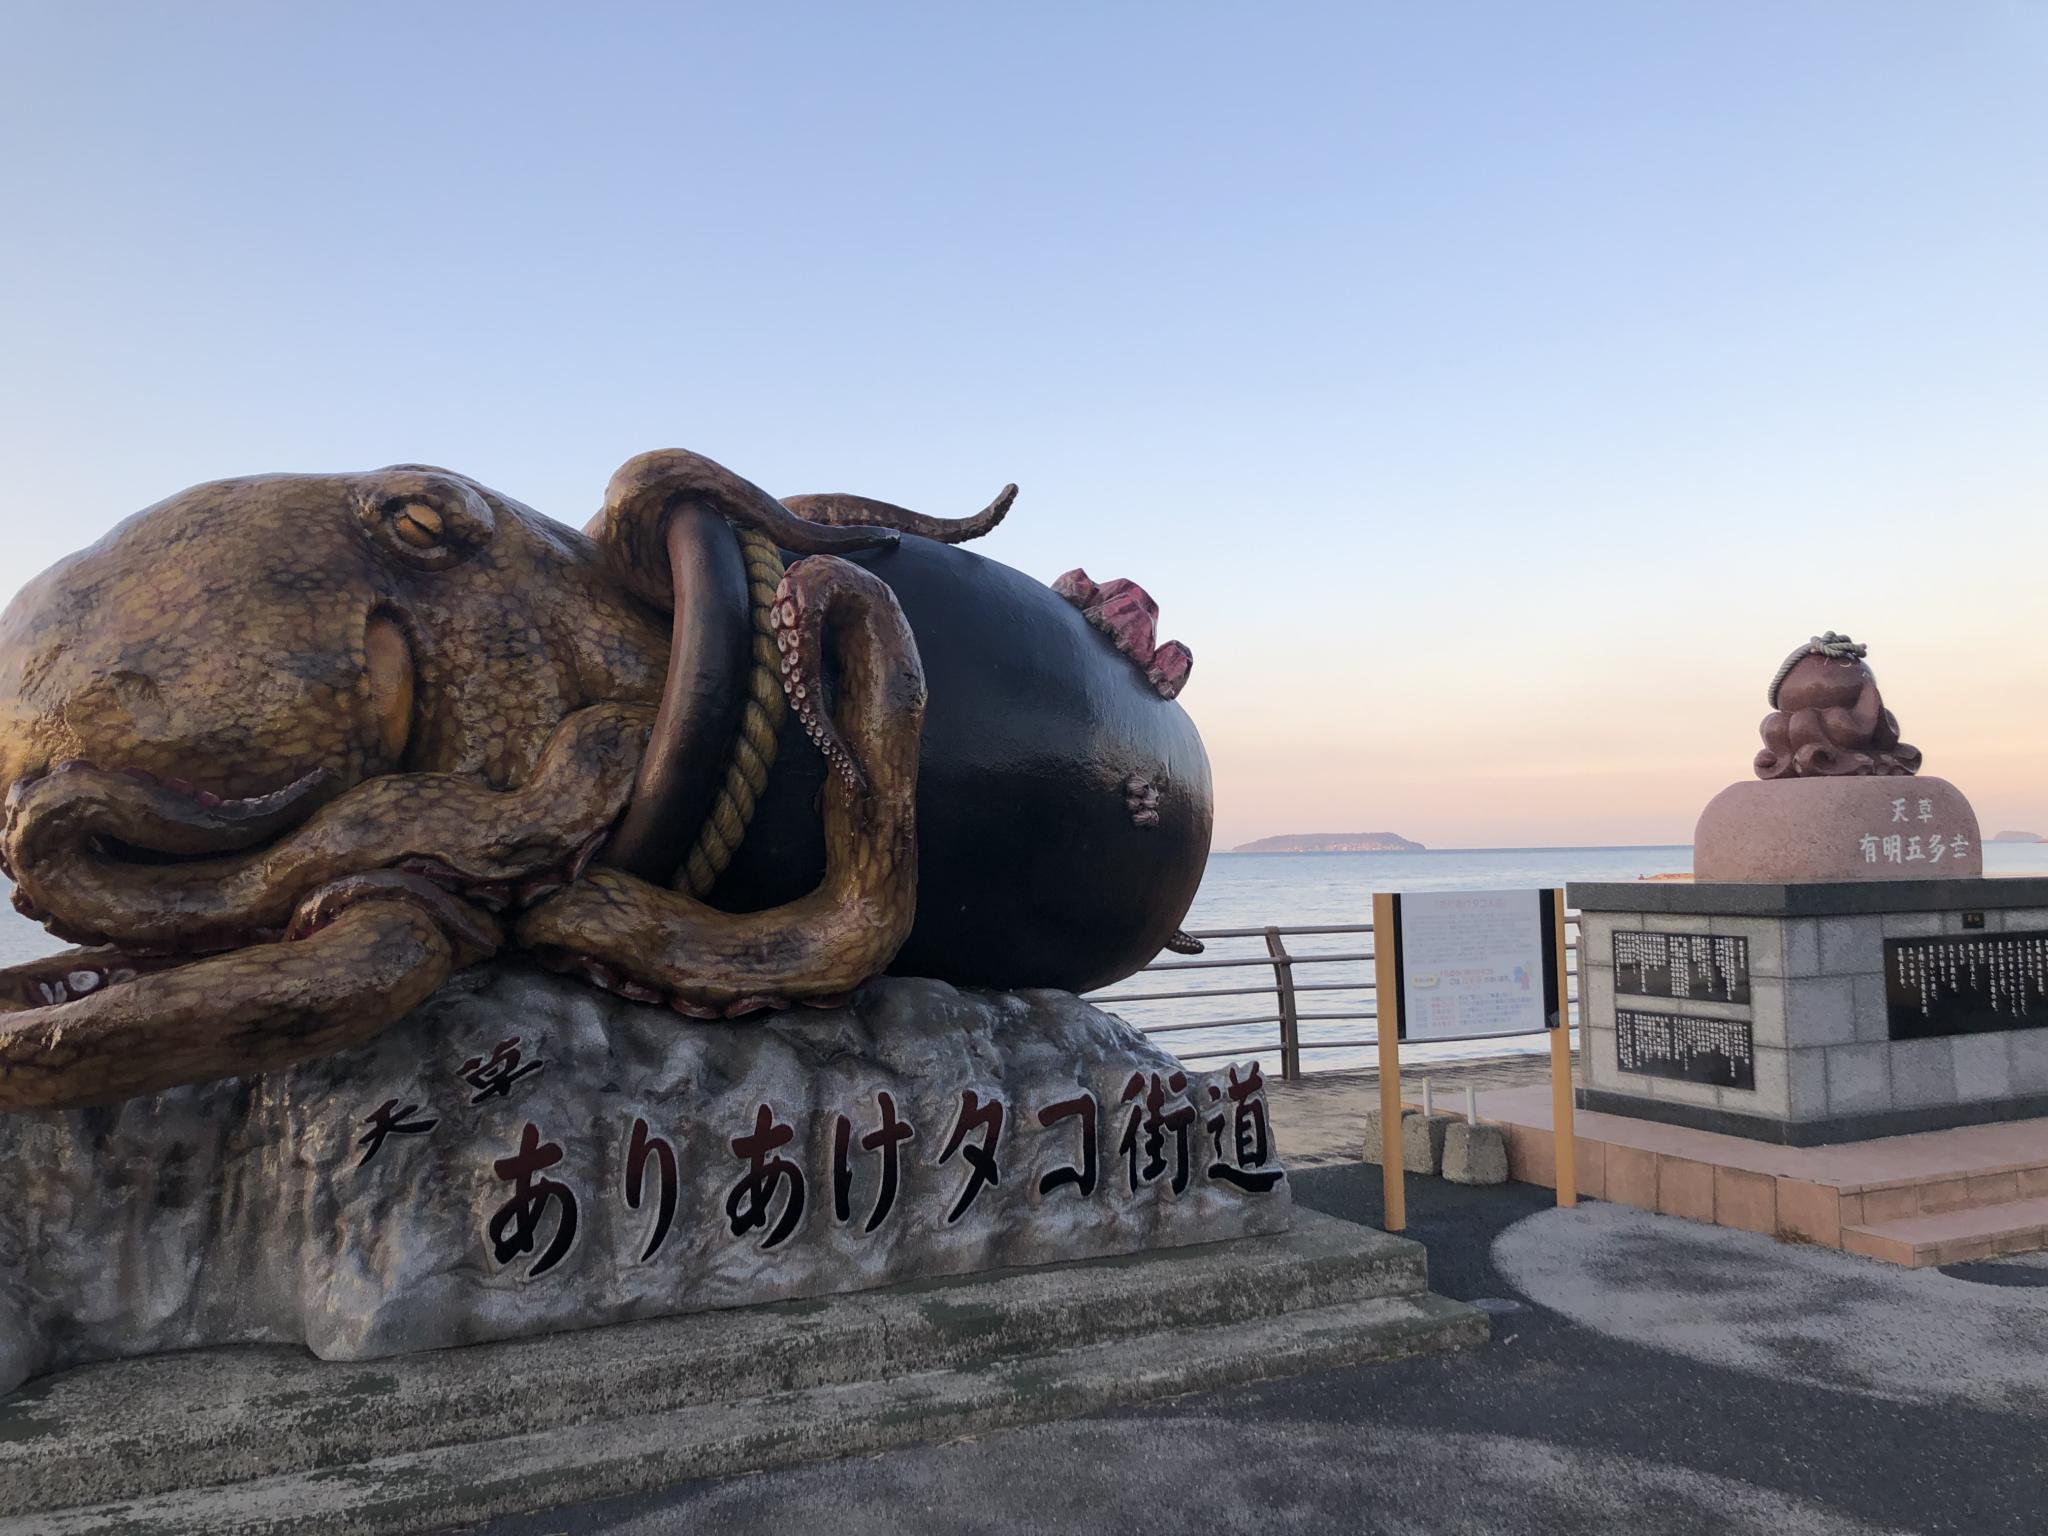 IMG 7984 2 2048x1536 - 【熊本・長崎旅3】向かうは天草!教会にひとつもいけなかったけどたこ焼きを食べた